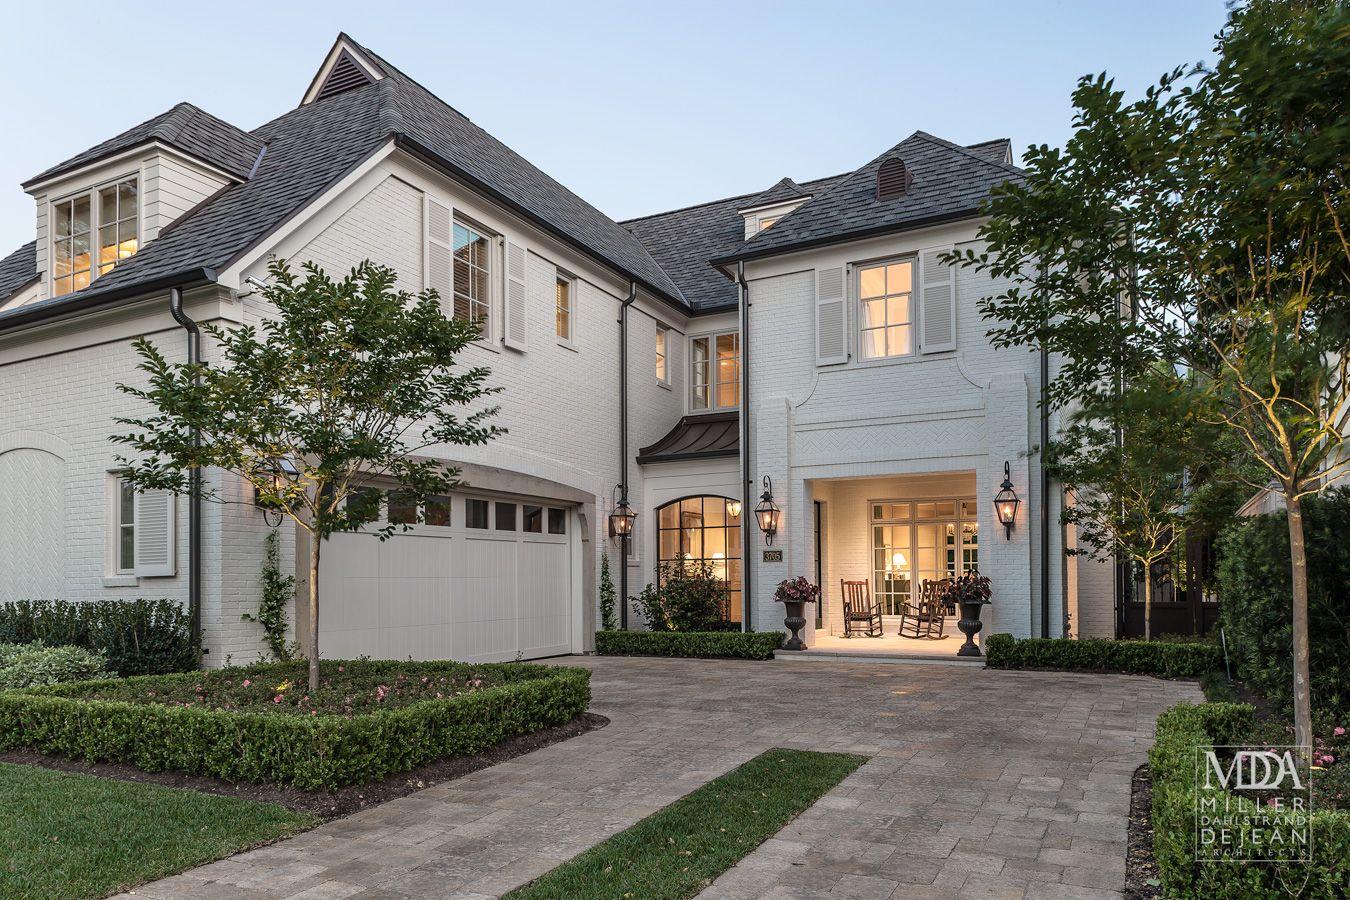 Houston TX Contractor Scott Frasier Homes Interior Designer Chapman Design Landscape Thompson